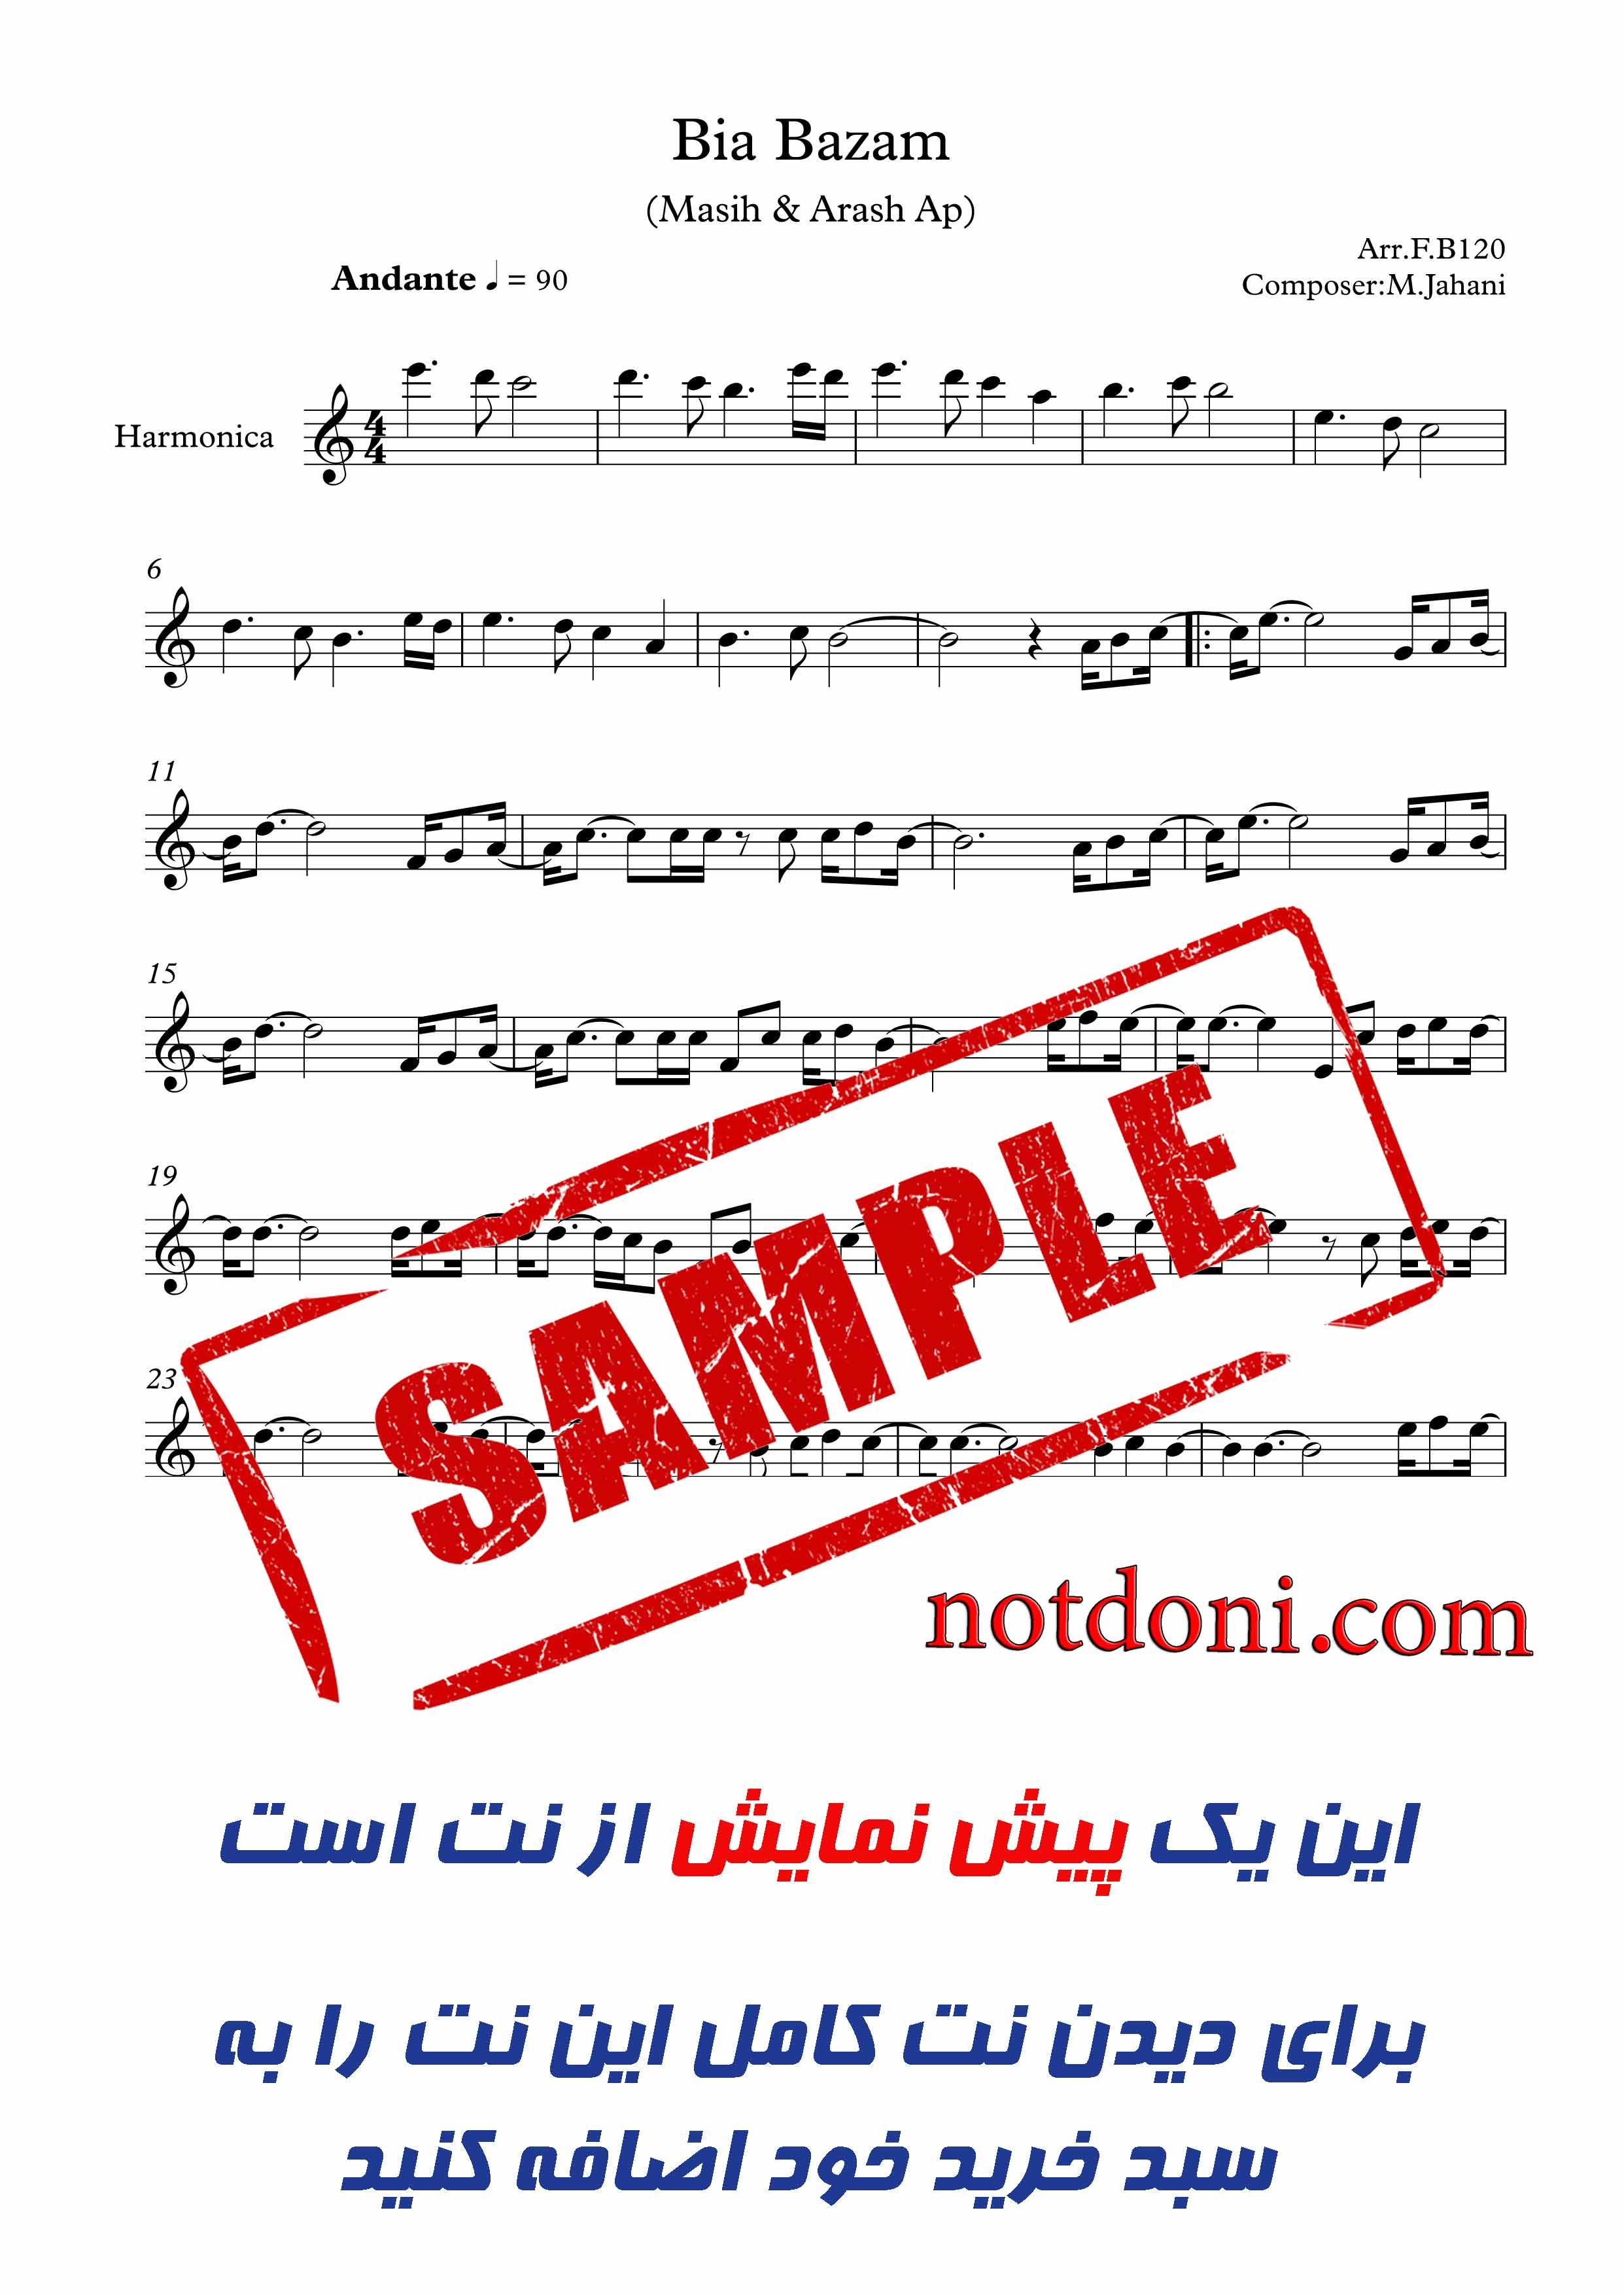 5604e5c8-0e13-4a2a-8d64-fac7b7051823_دمی-نت-آهنگ-بیا-بازم-برای-هارمونیکا.jpg